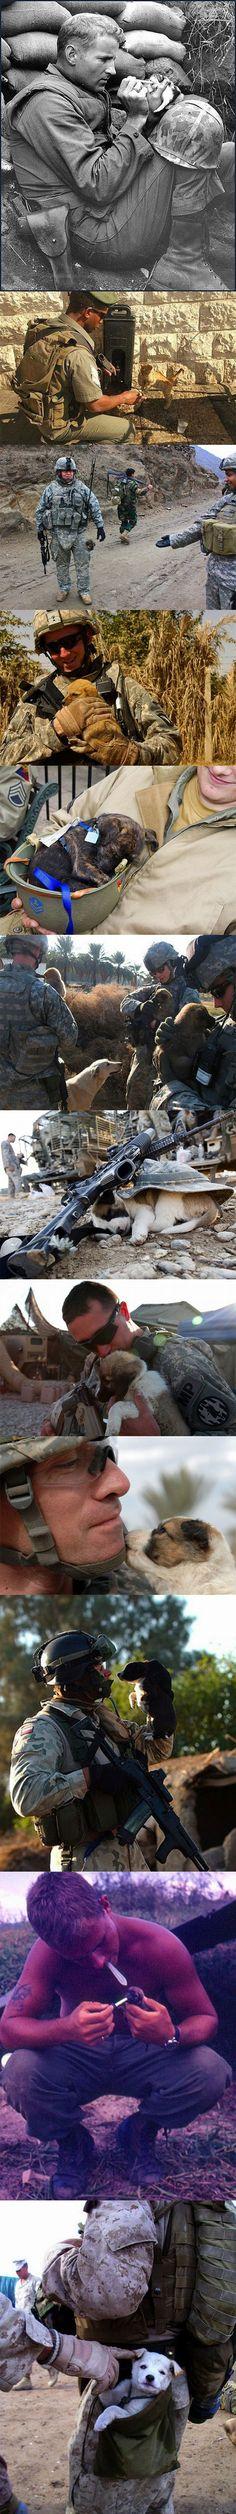 Avec leurs compagnons de poche la vie est moins difficile et la guerre moins longue.